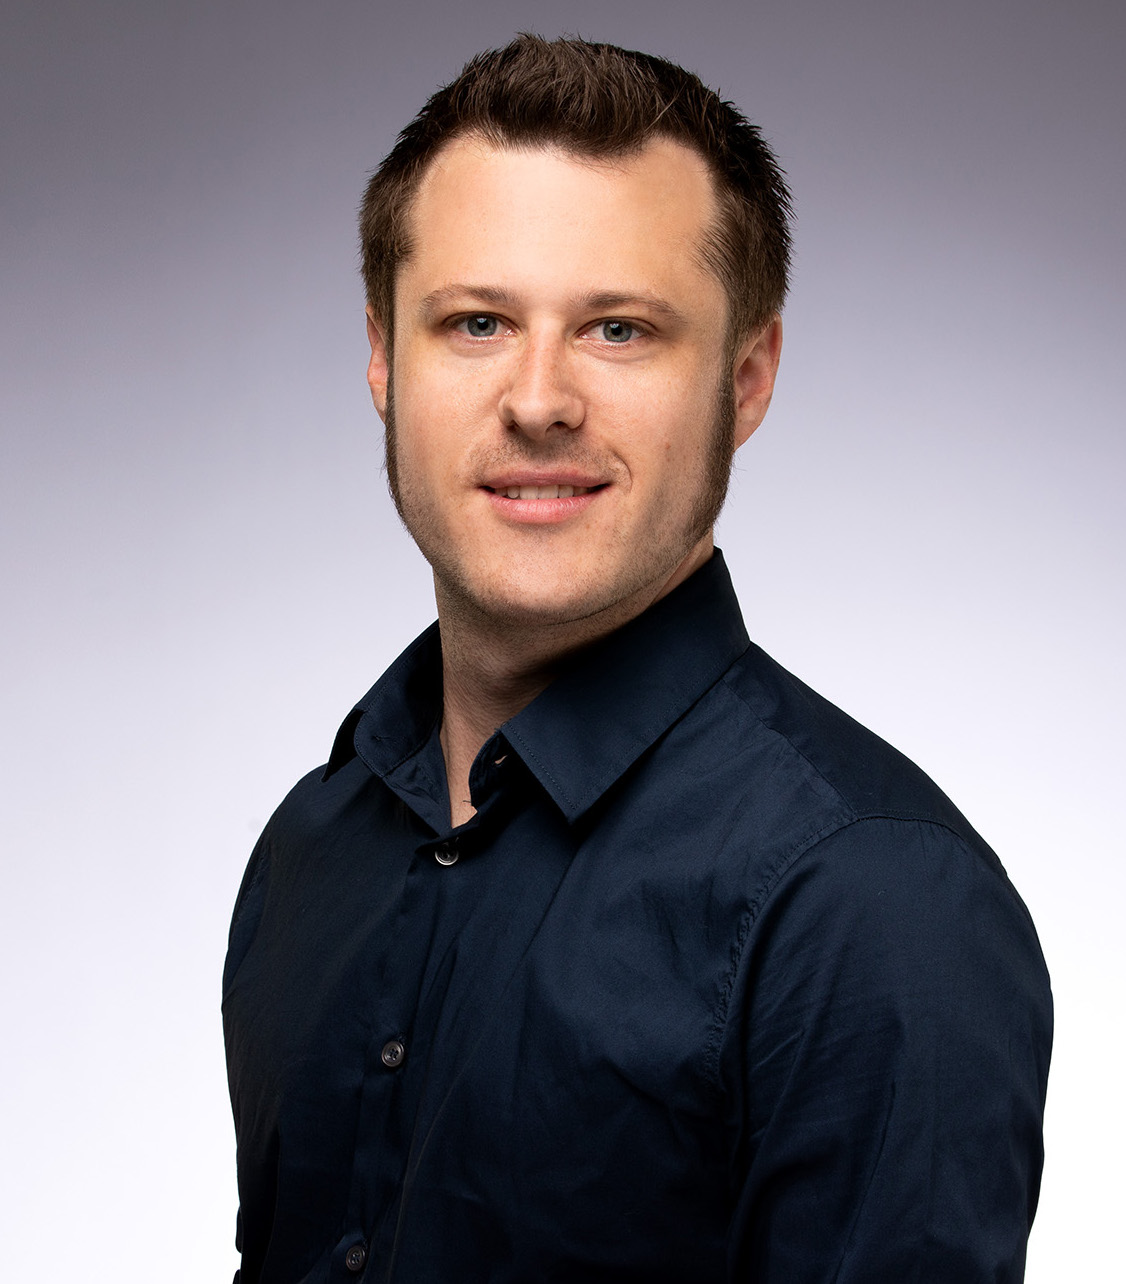 Christoph Von Matt